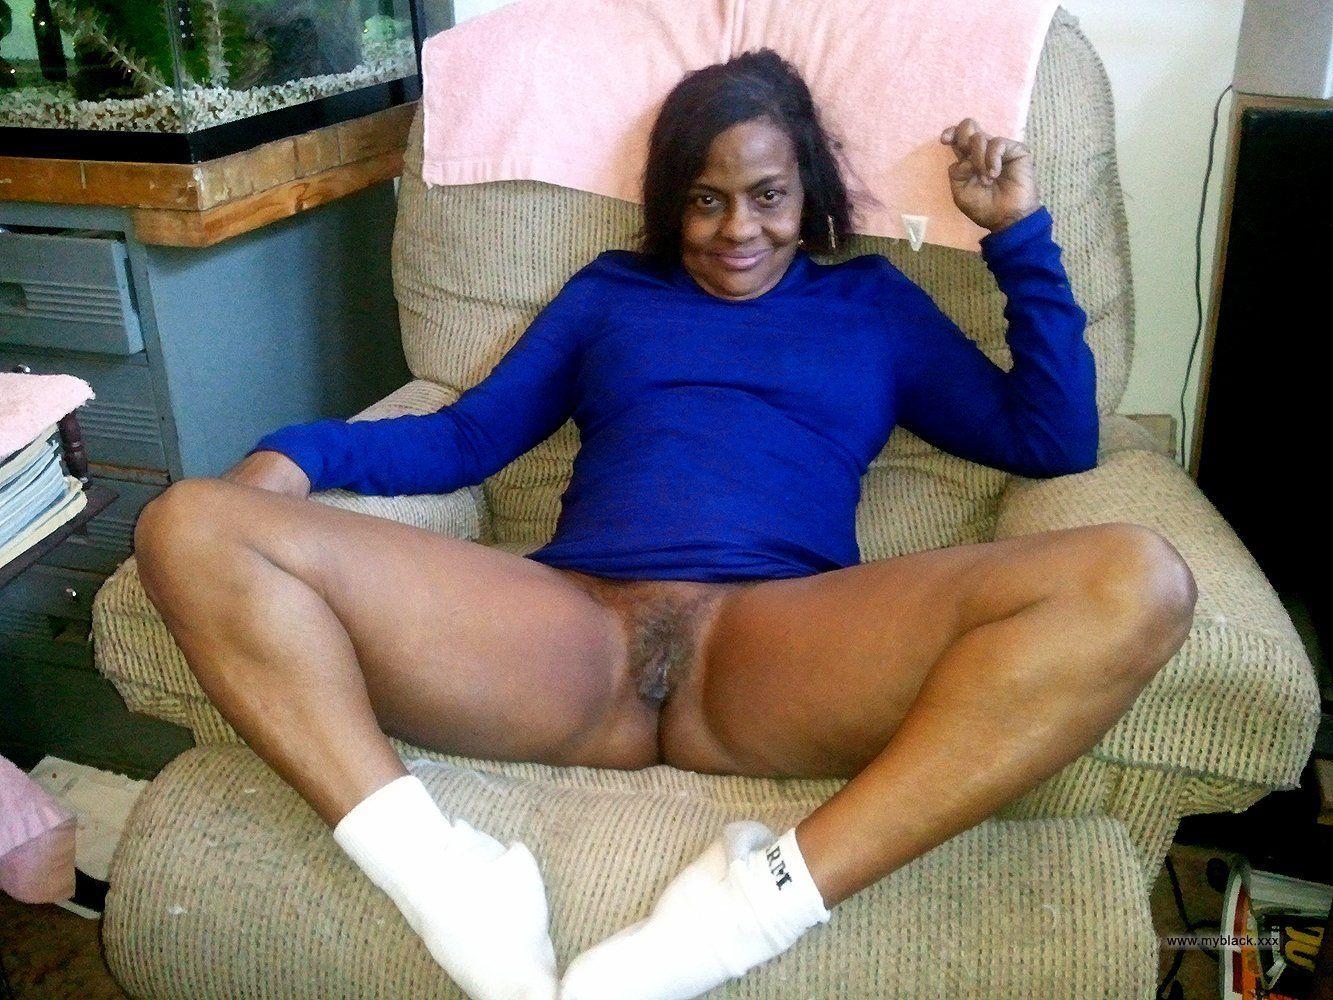 Naked Ebony Over 50 - Naked older black women naked . 22 New Porn Photos.